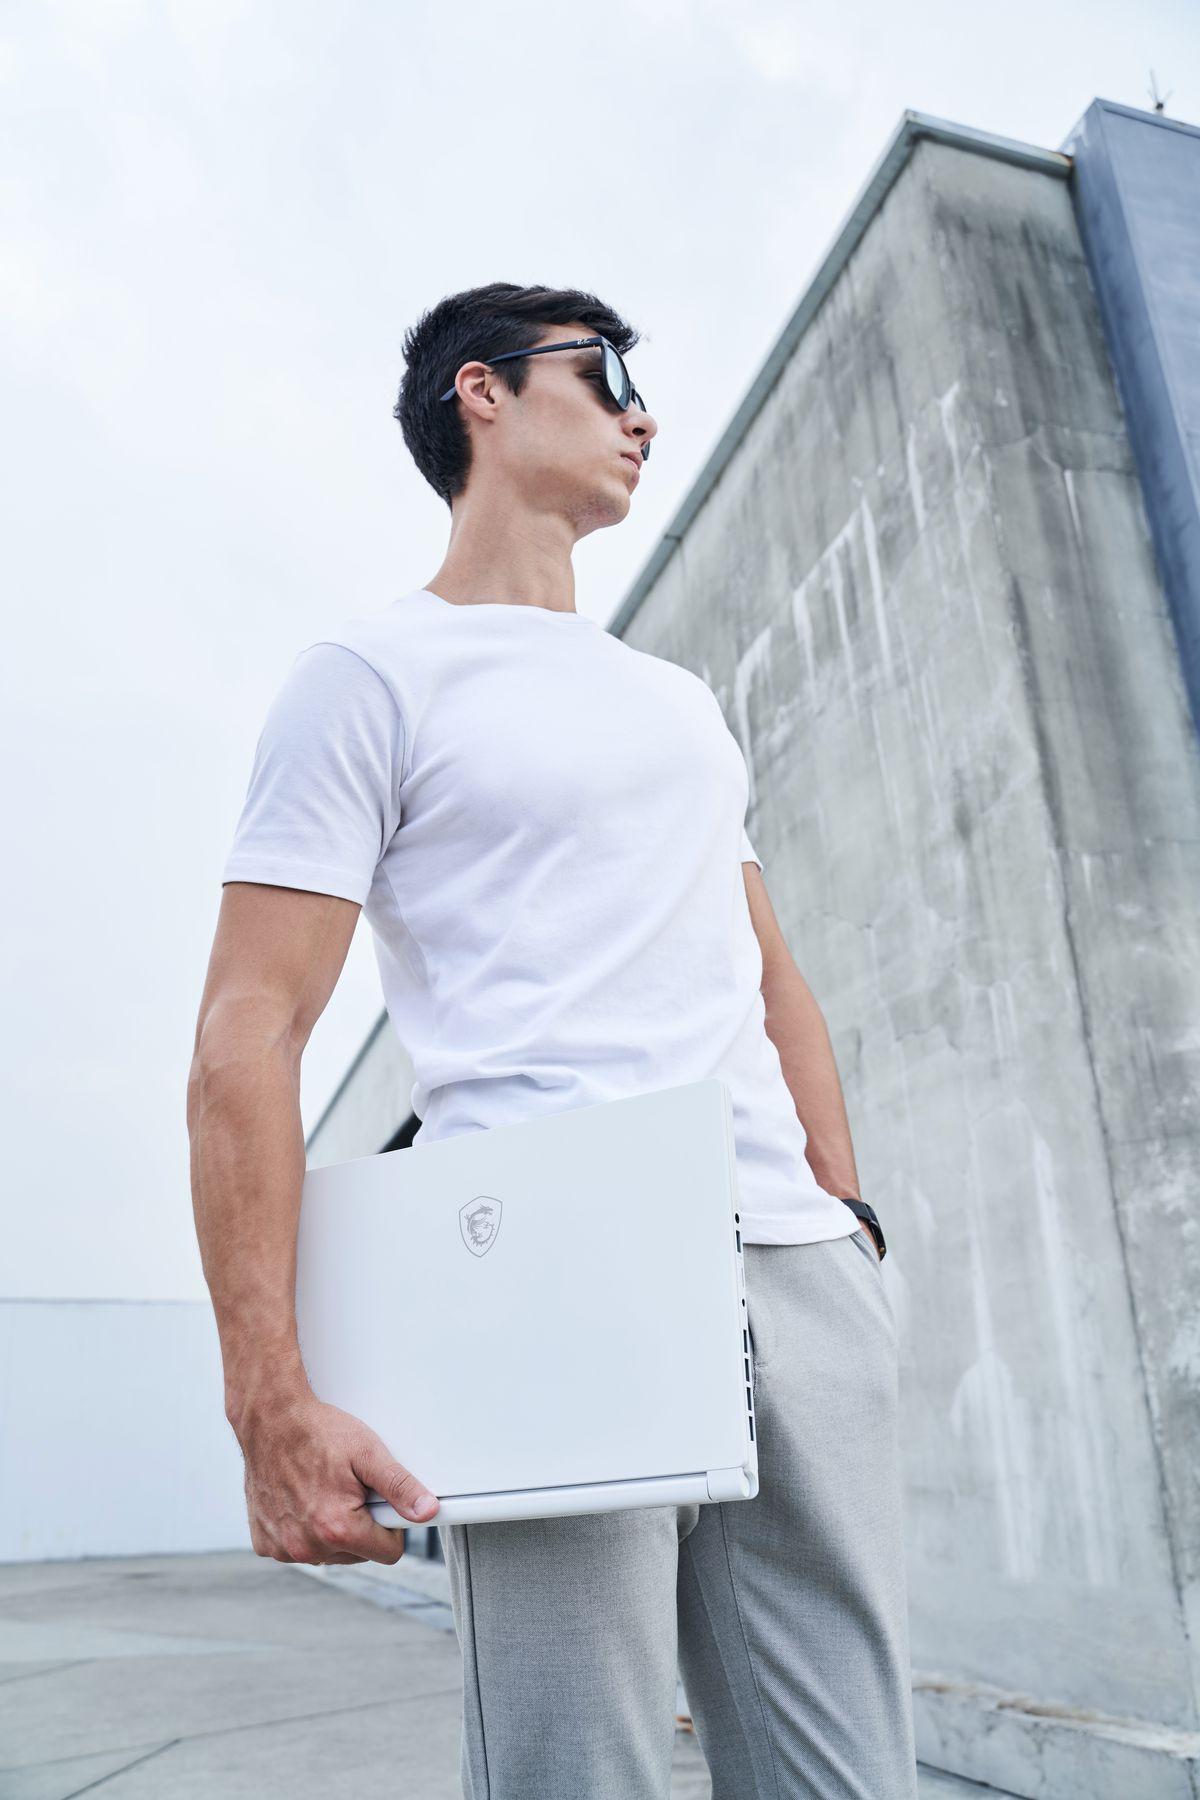 Un utilizator stă pe acoperișul unei clădiri purtând un tricou alb, ochelari de soare și pantaloni de trening.  Ei poartă un MSI Stealth 15M alb sub brațul drept în timp ce privesc spre stânga.